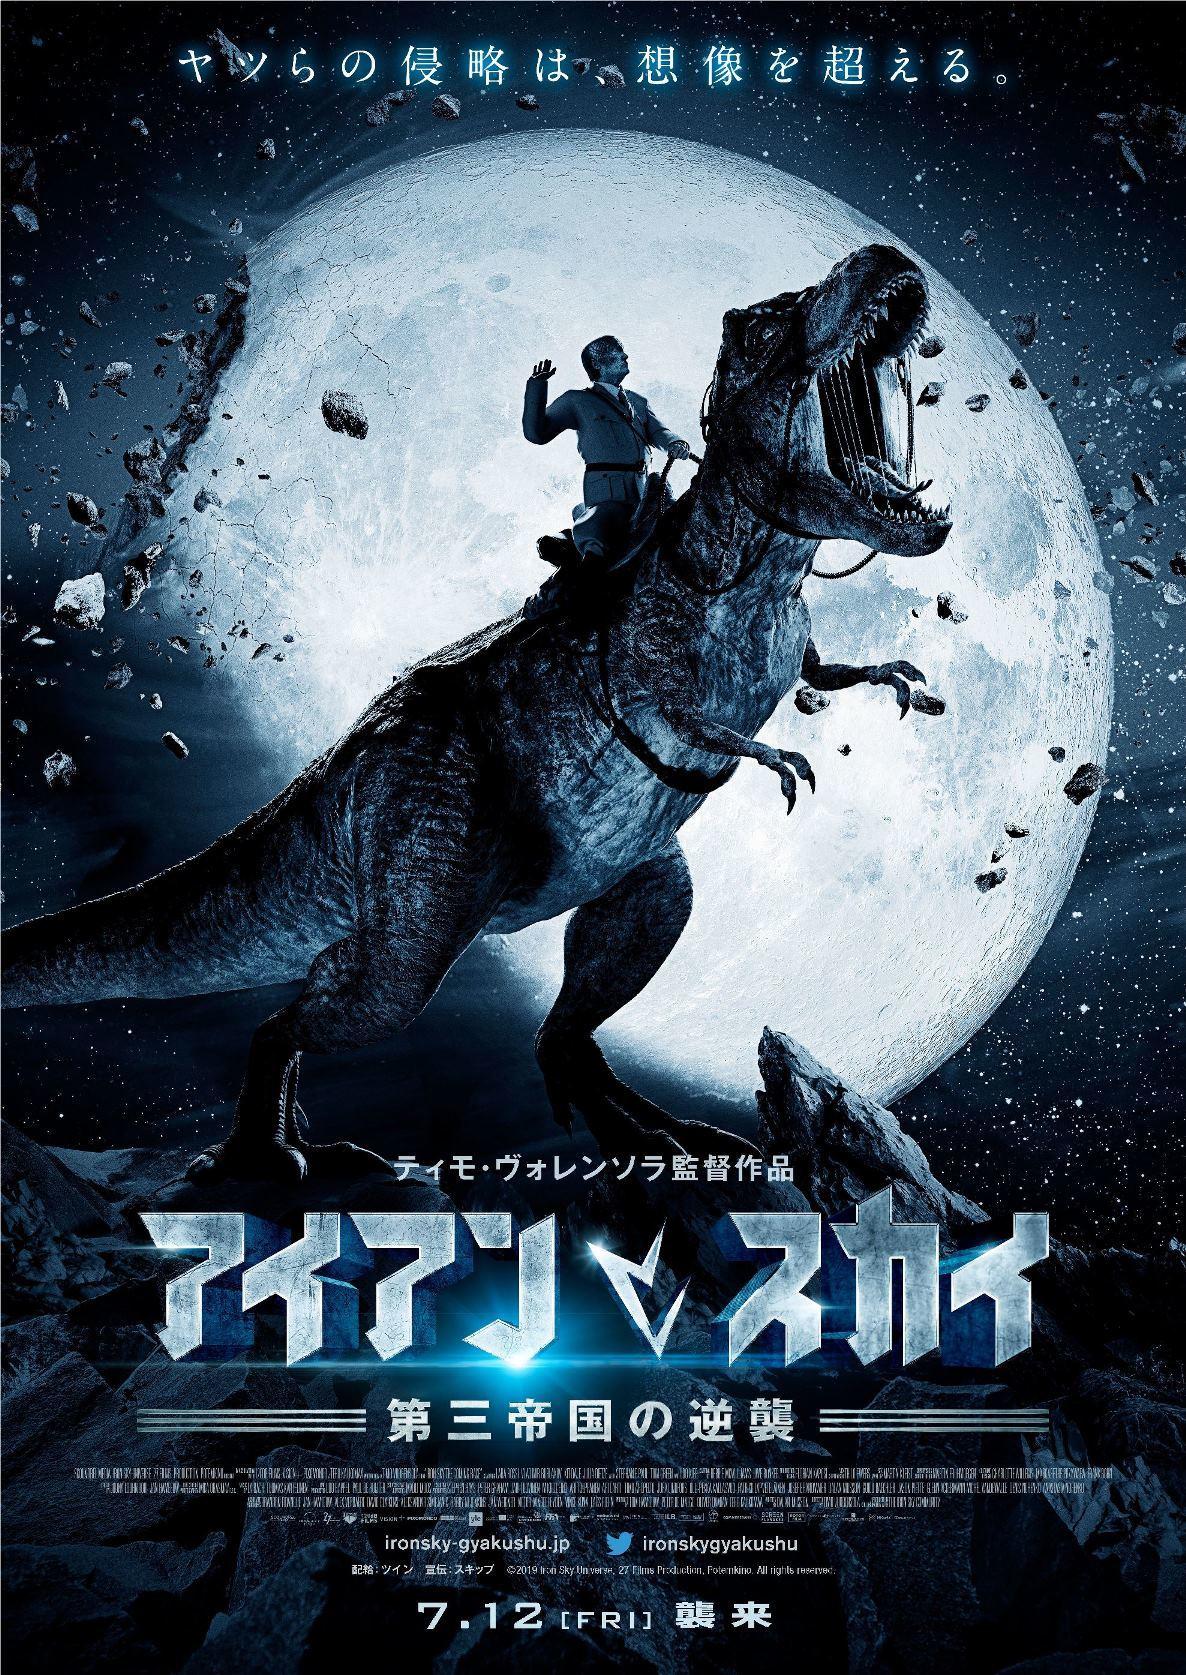 『アイアン・スカイ/第三帝国の逆襲』 (C)2019 Iron Sky Universe, 27 Fiims Production, Potemkino. All rights reserved.